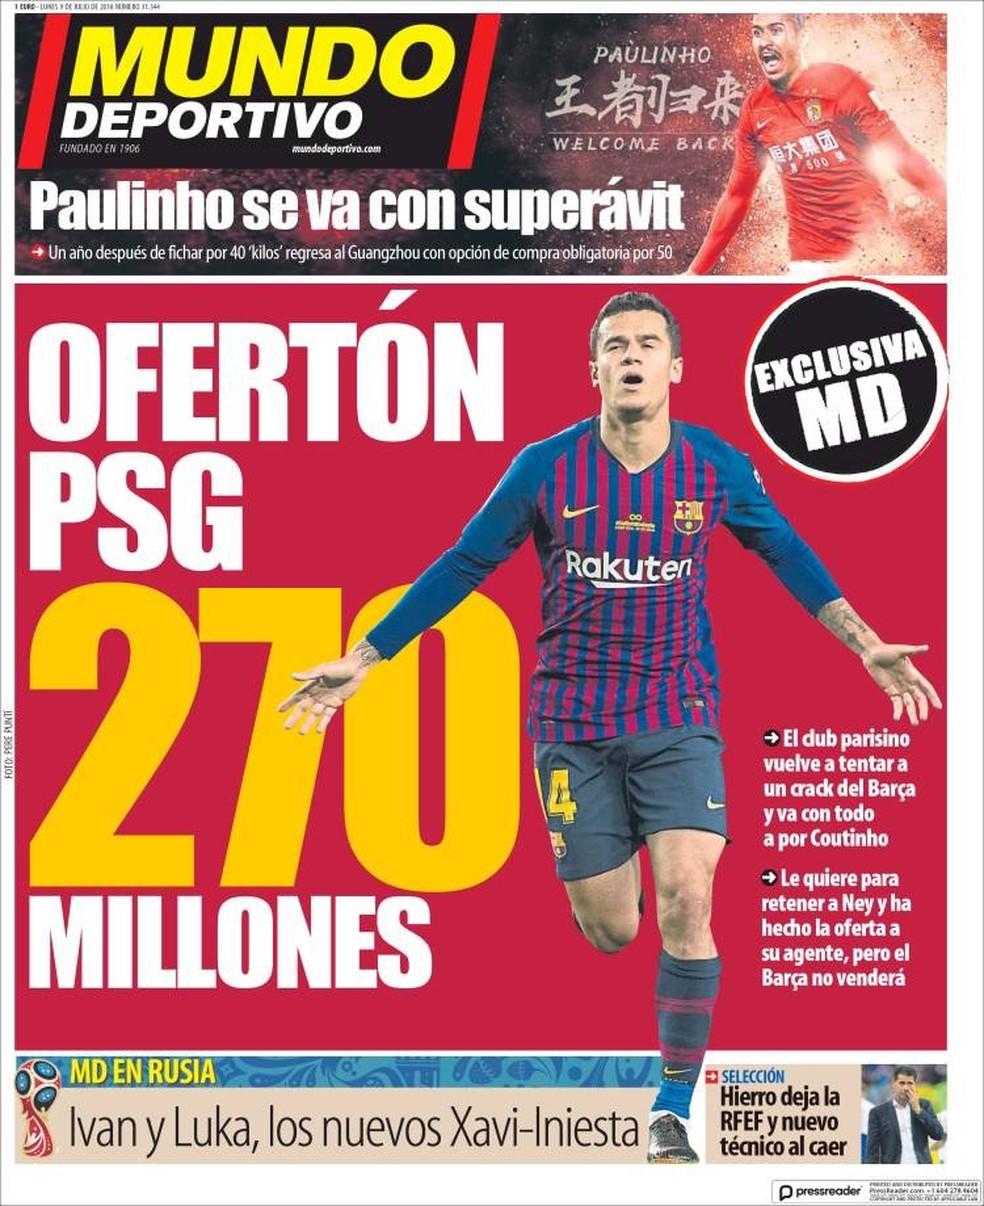 Jornal destaca interesse do PSG em Coutinho (Foto: Reprodução)